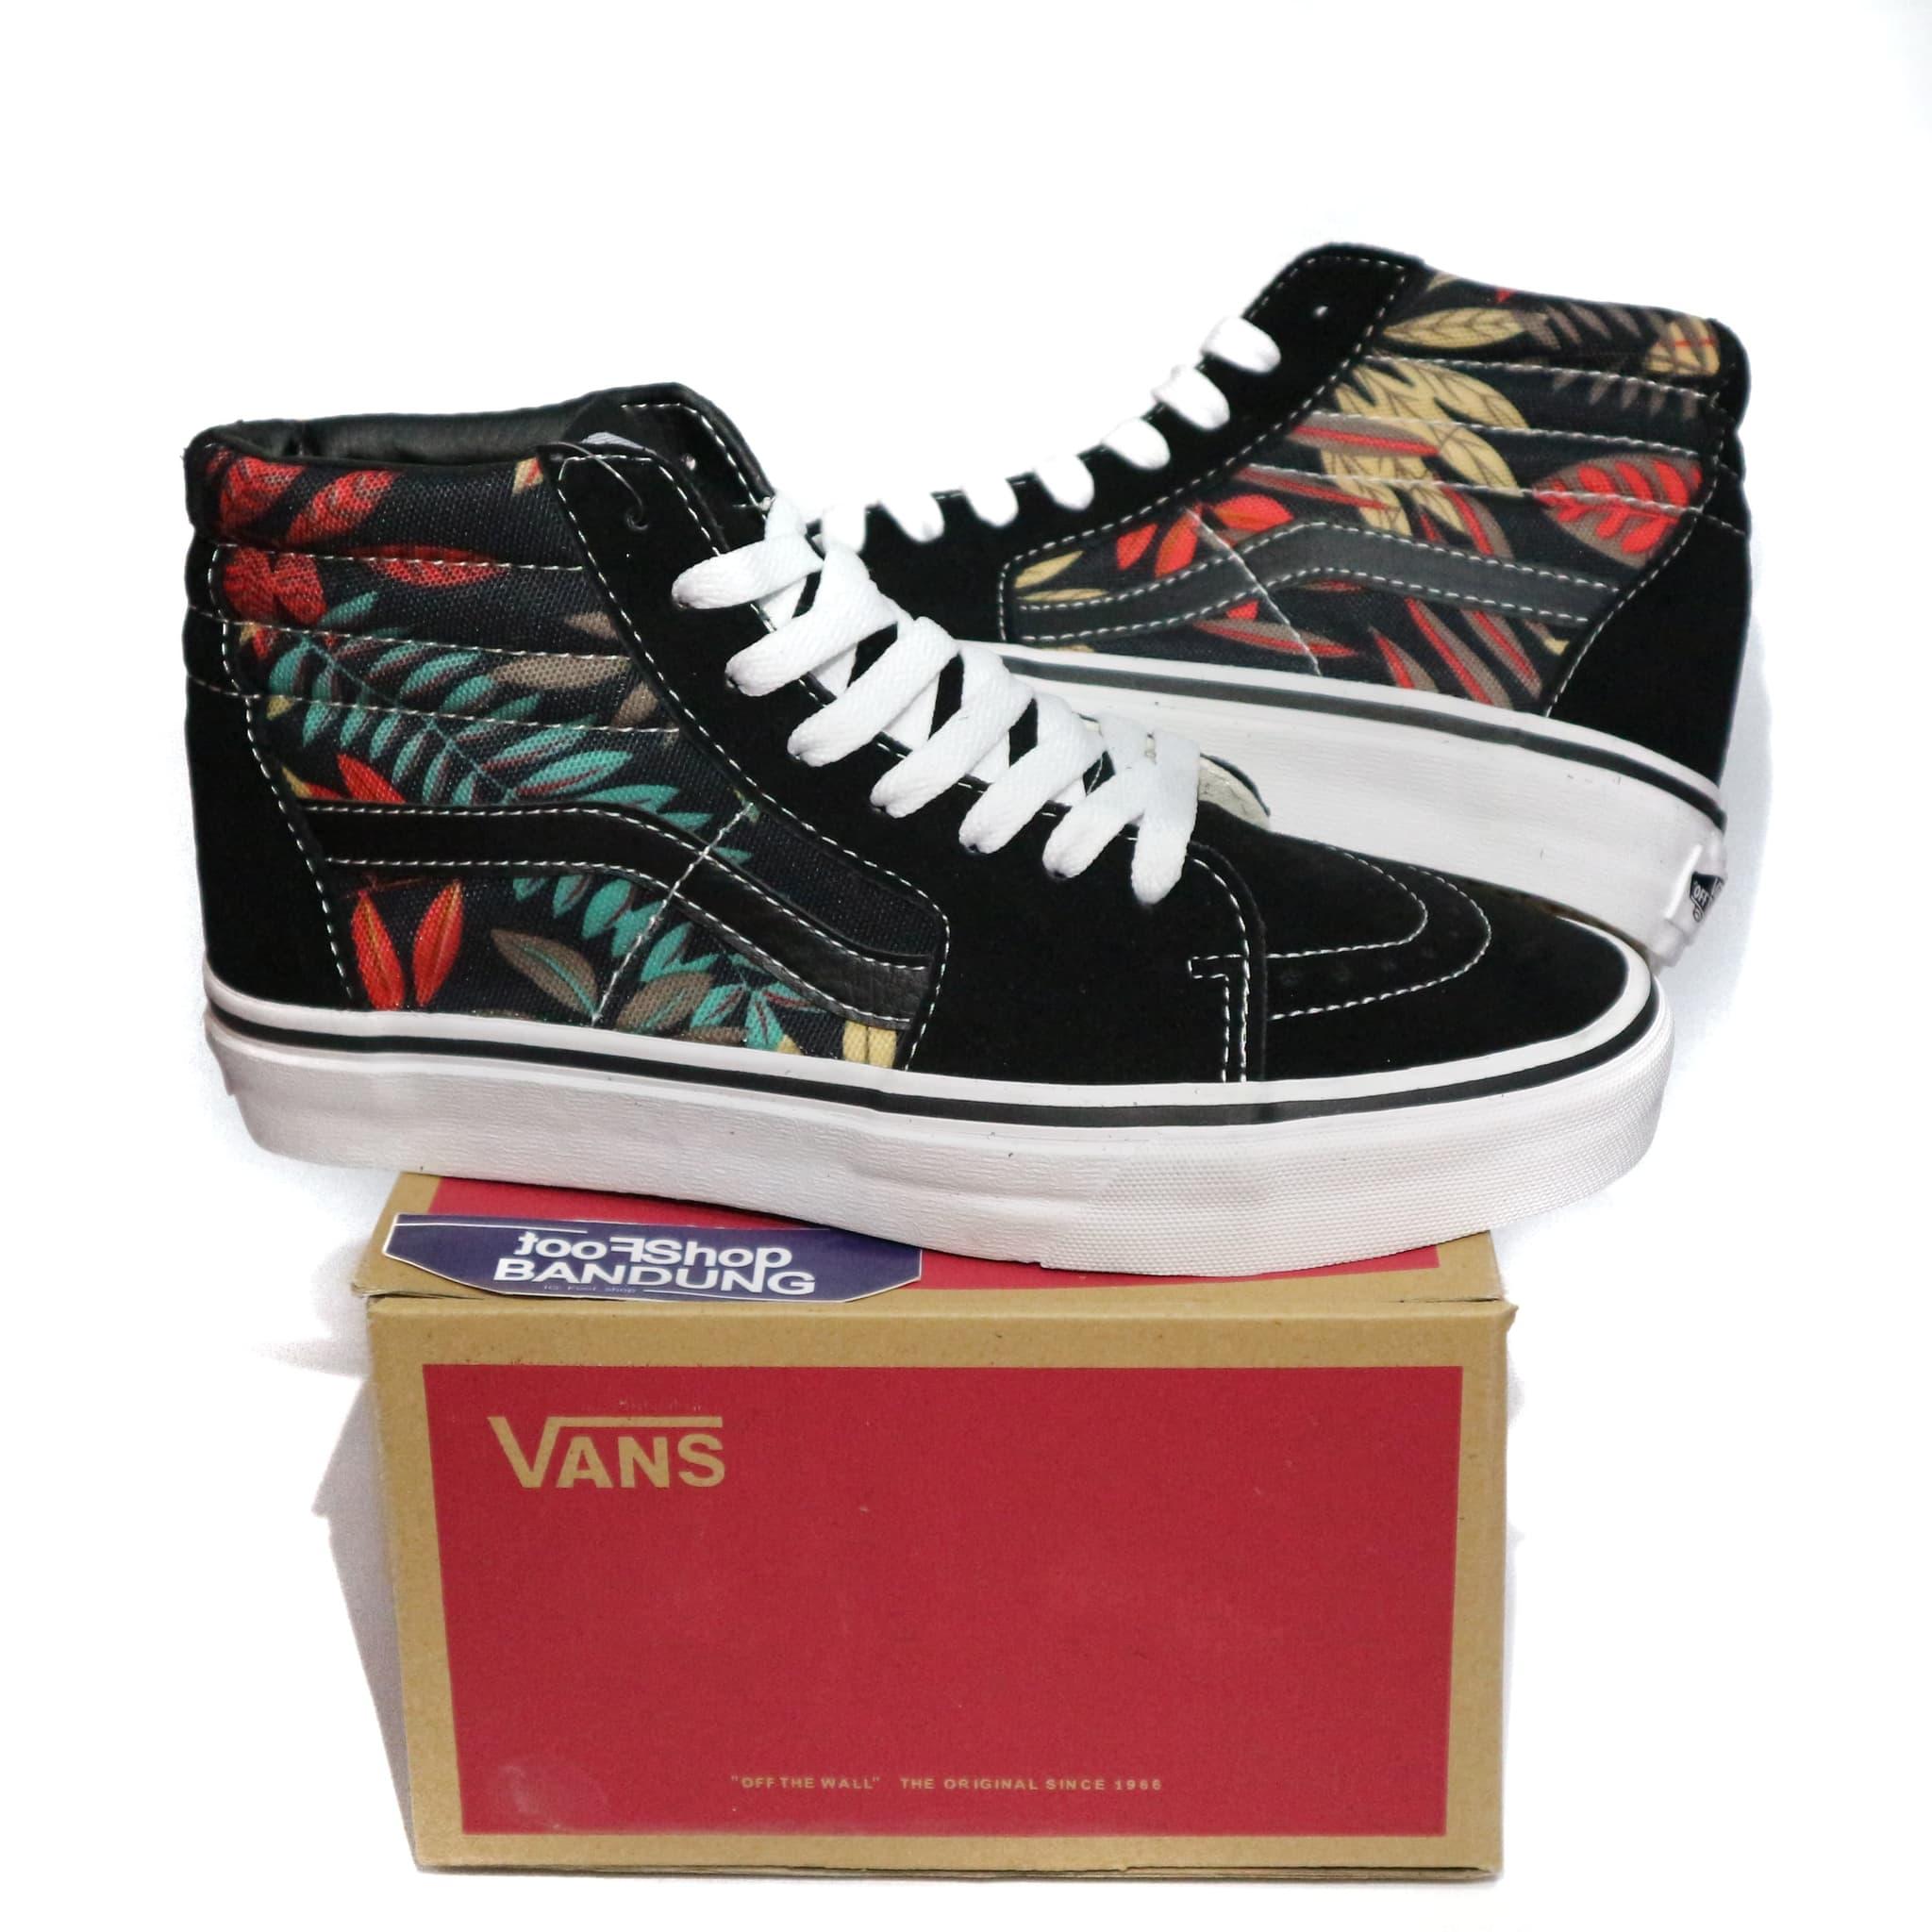 Jual Sepatu Vans SK8 HI Motif Aloha 40-44 Premium - Footshop ... 9d57253de4